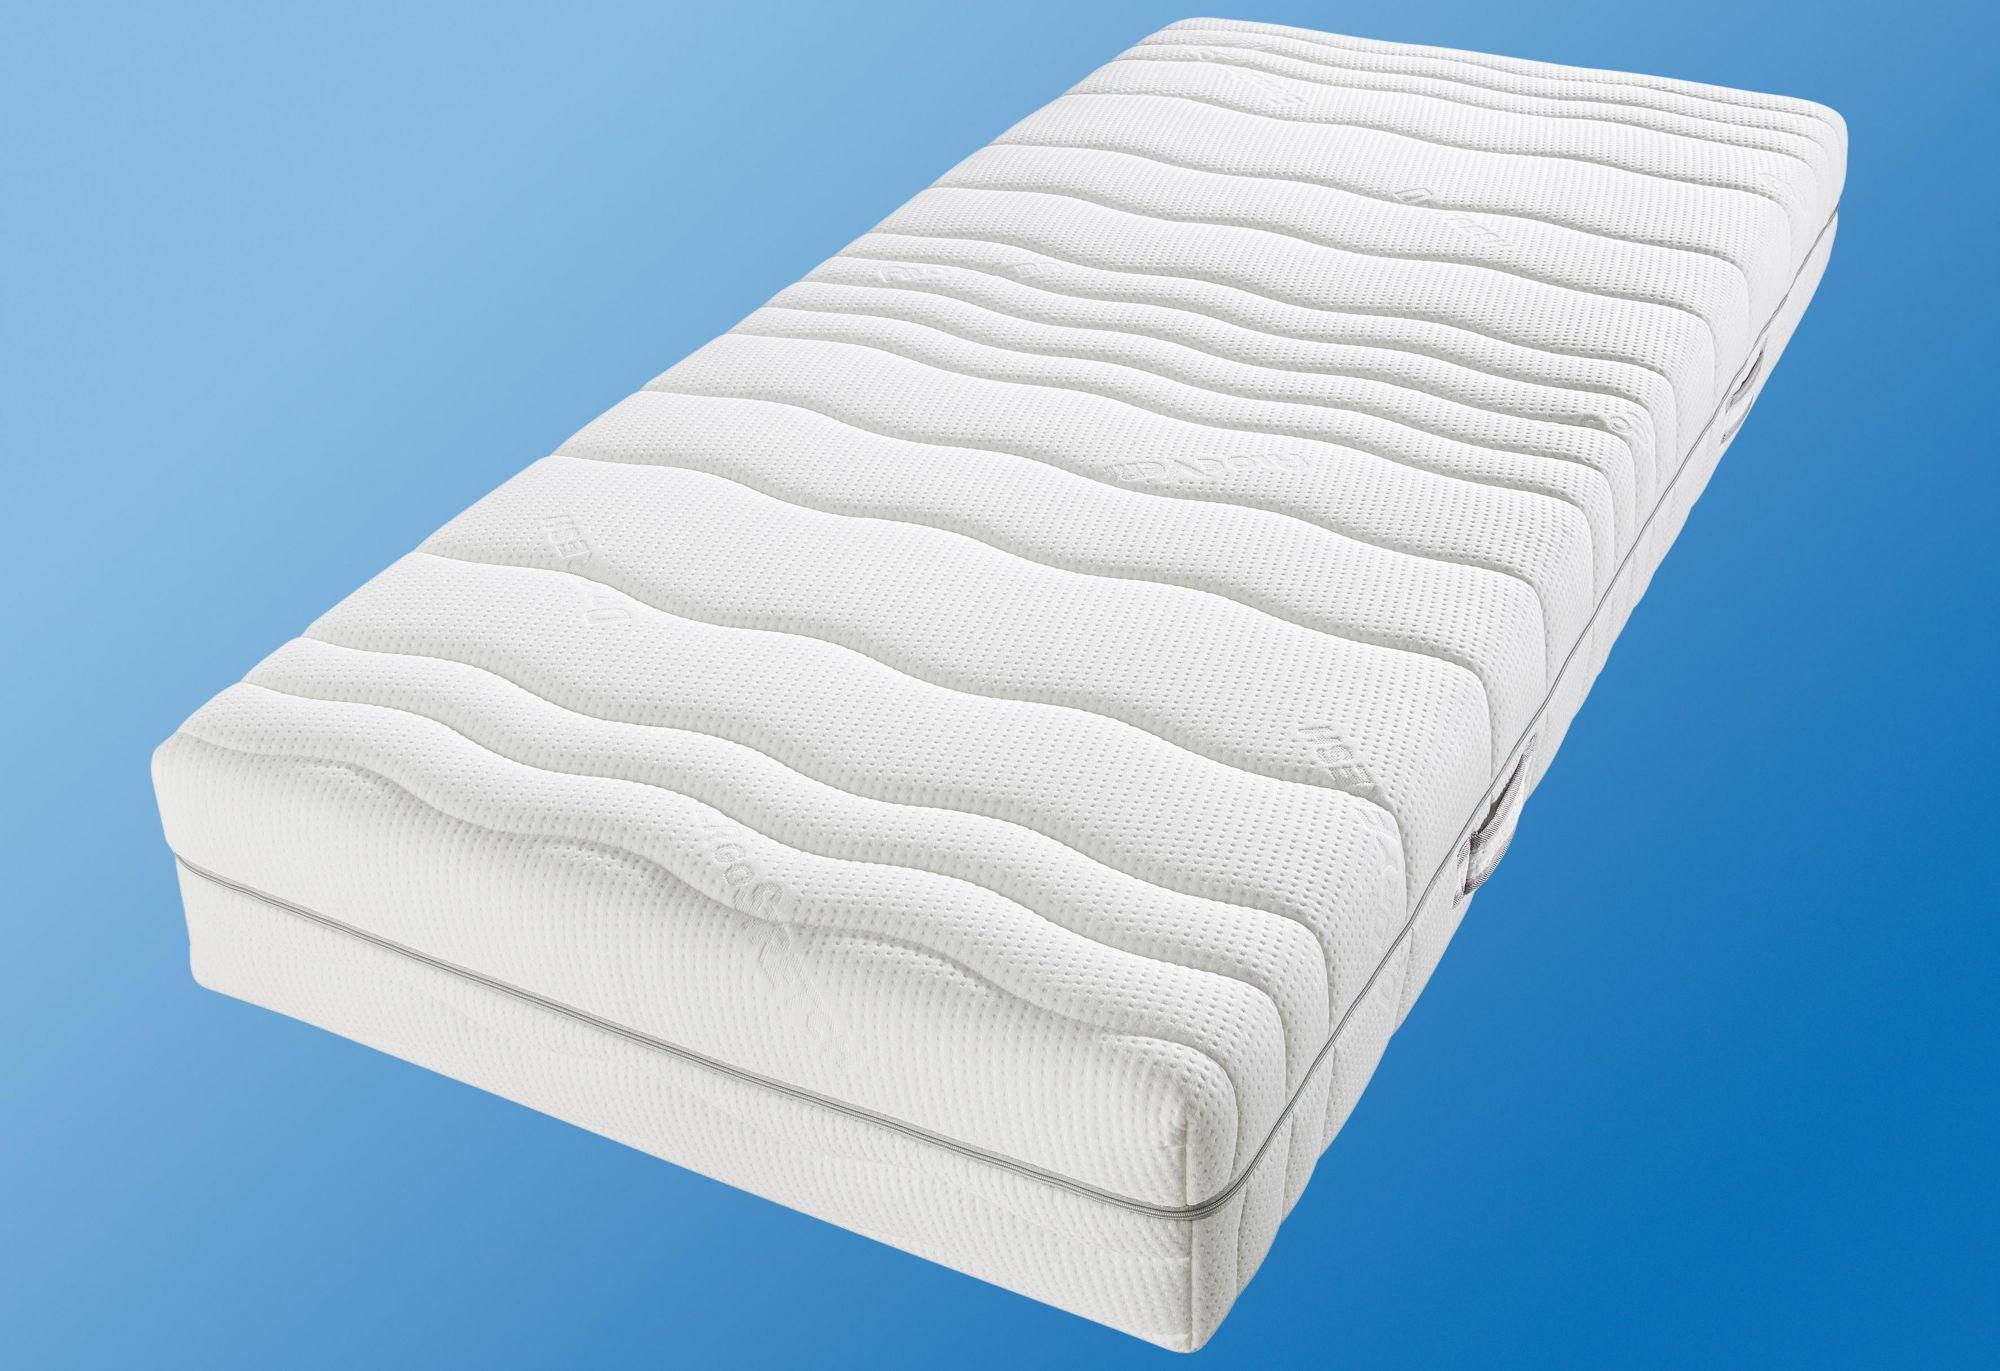 BECO Komfortschaummatratze, »BodyCare Top«, BeCo, 25 cm hoch, Raumgewicht: 35, flexibel und luxuriös für jede Körperform